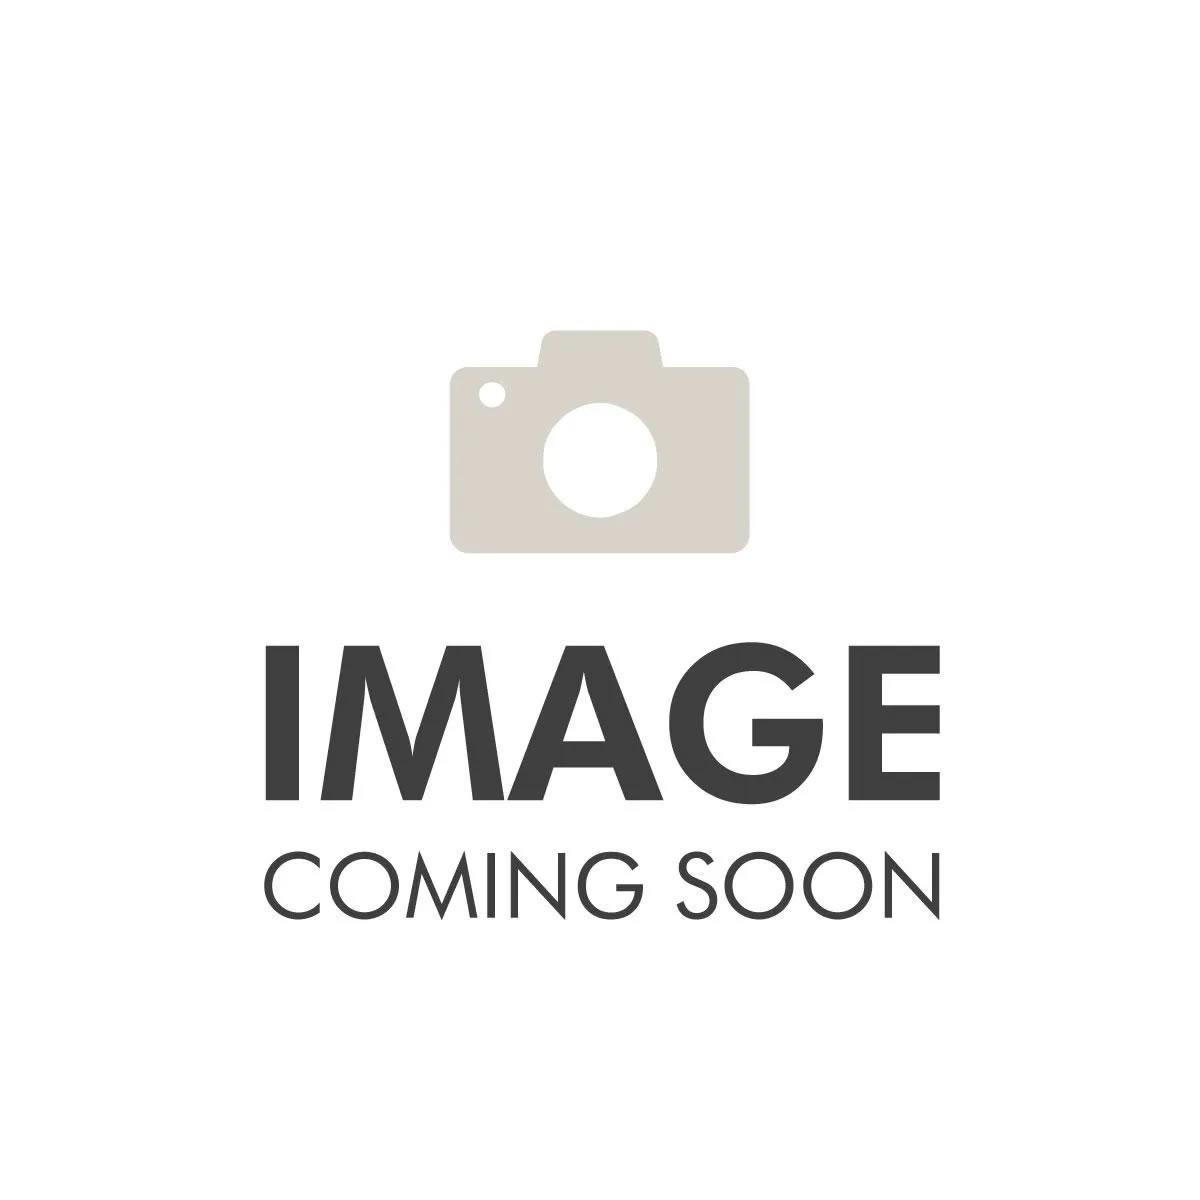 1995 Jeep Wrangler Rio Grande...4 sale